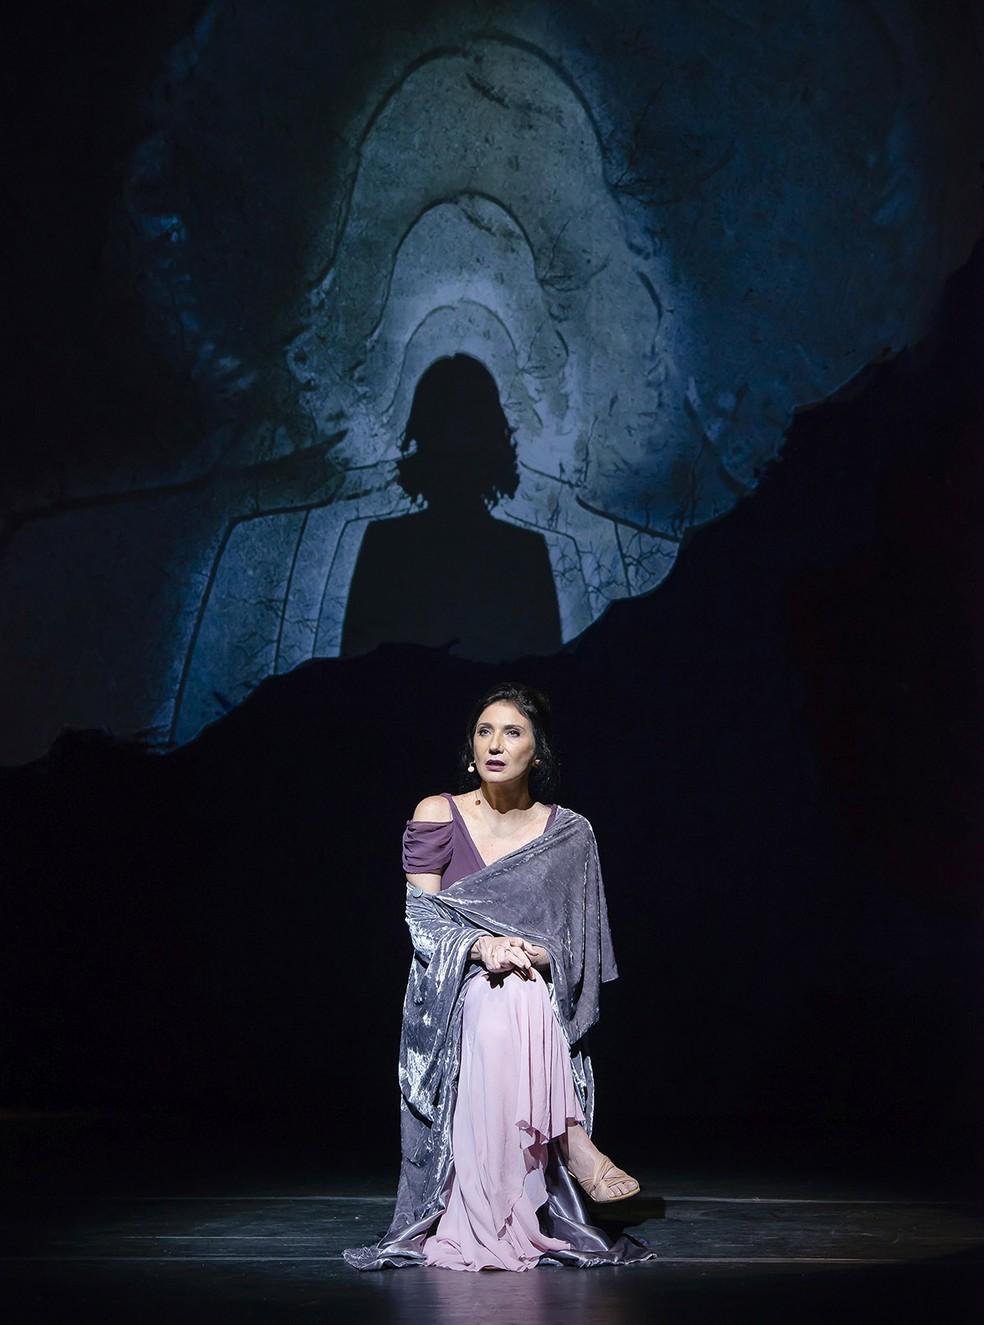 Zizi Possi canta 15 músicas no espetáculo teatral 'À flor da pele' — Foto: Caio Galucci / Divulgação